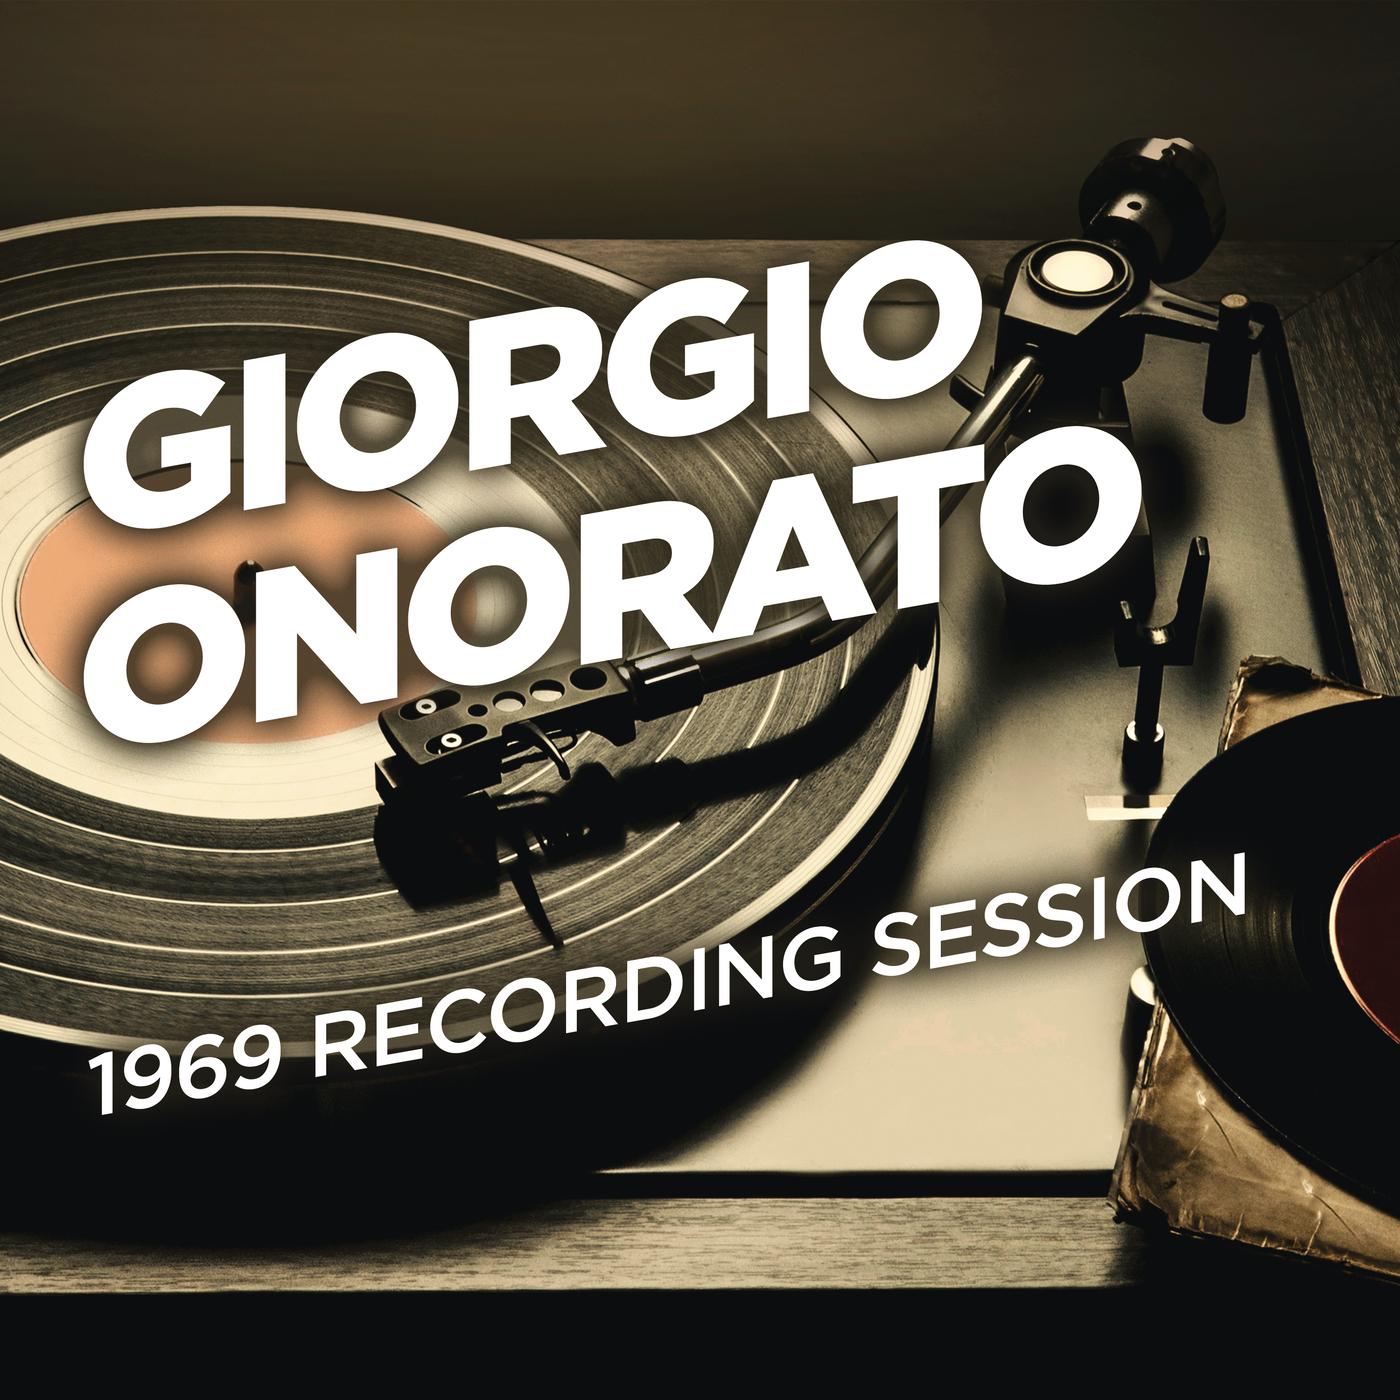 1969 Recording Session - Giorgio Onorato